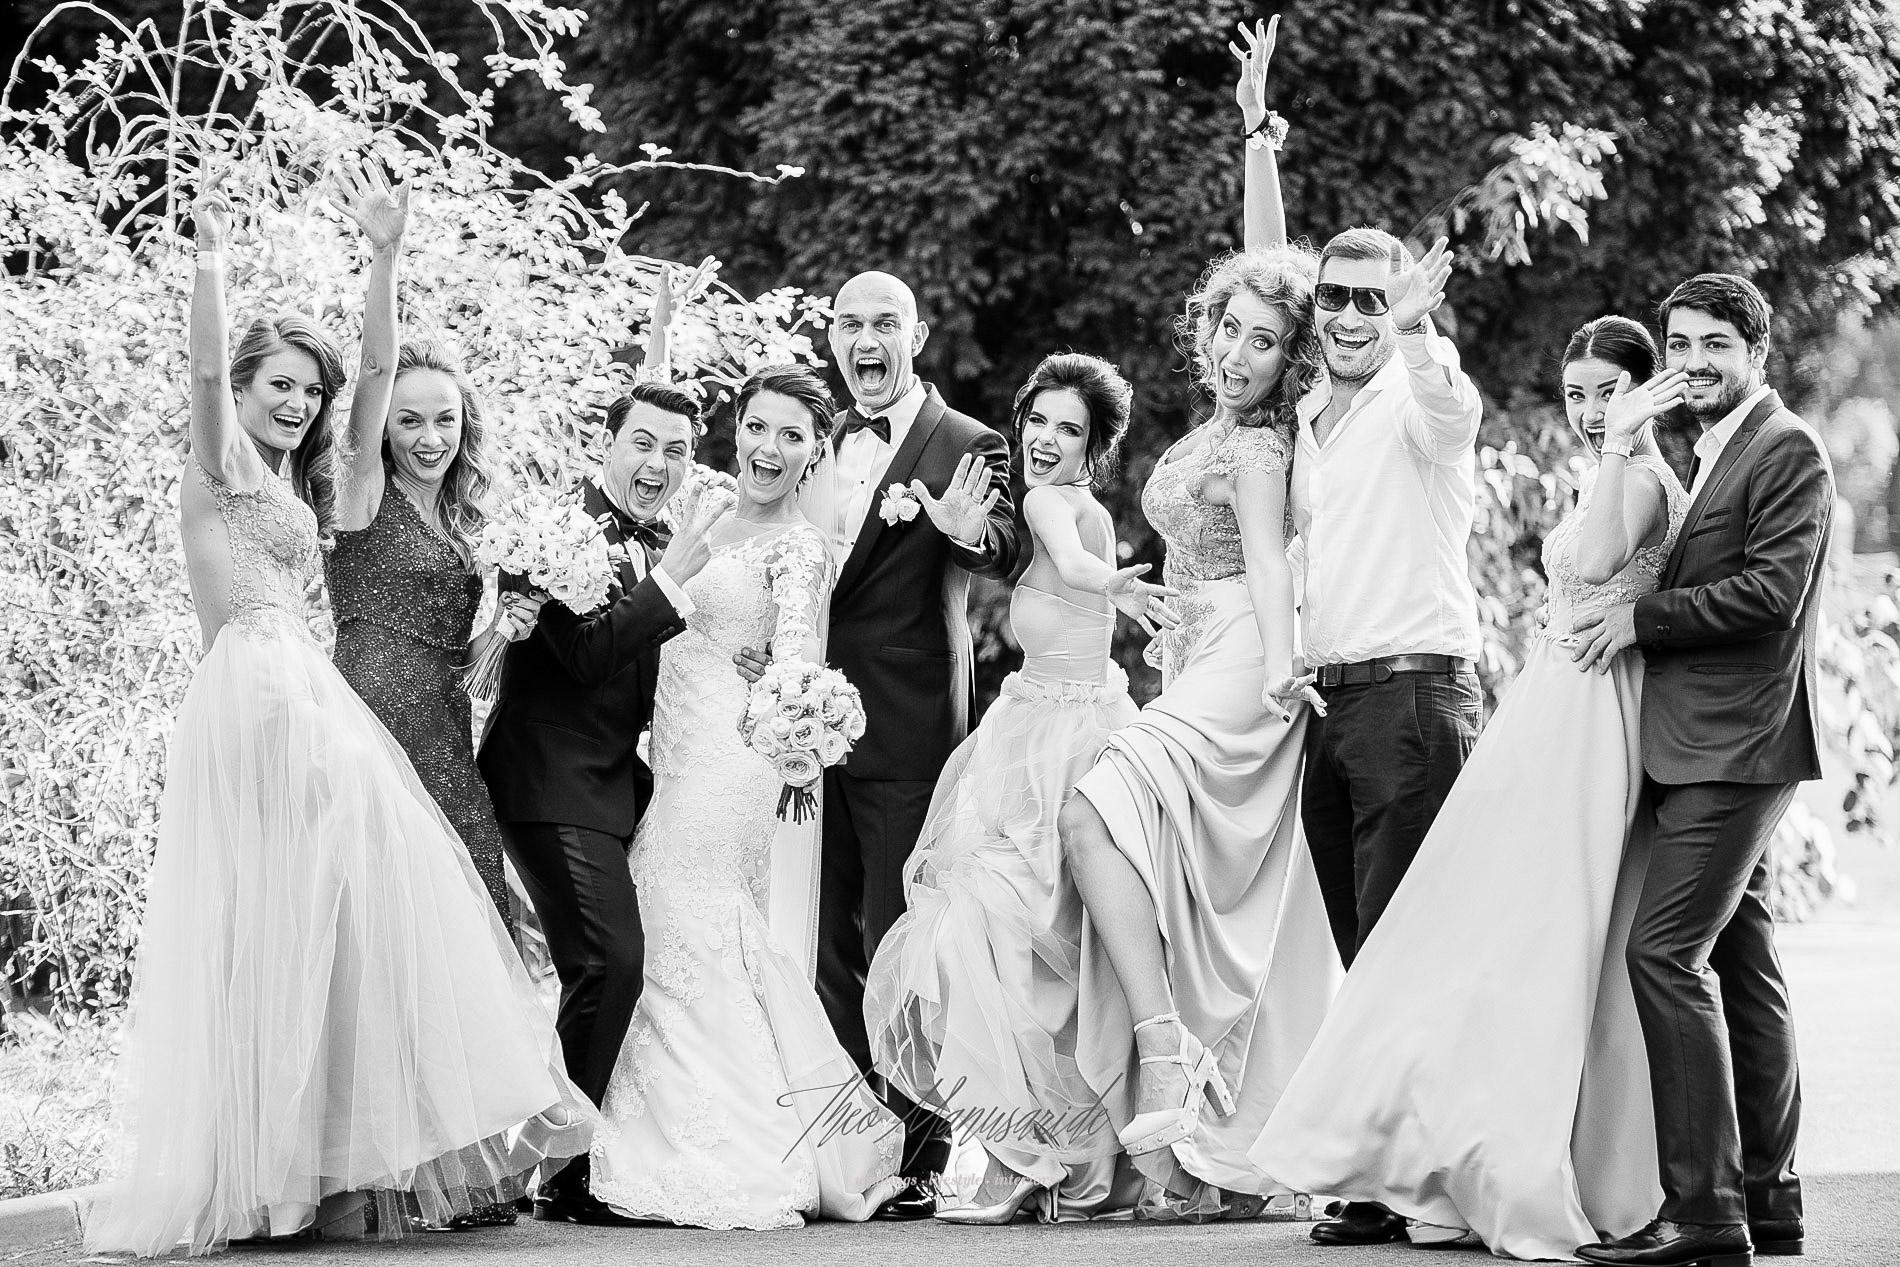 fotograf nunta biavati events-29-2